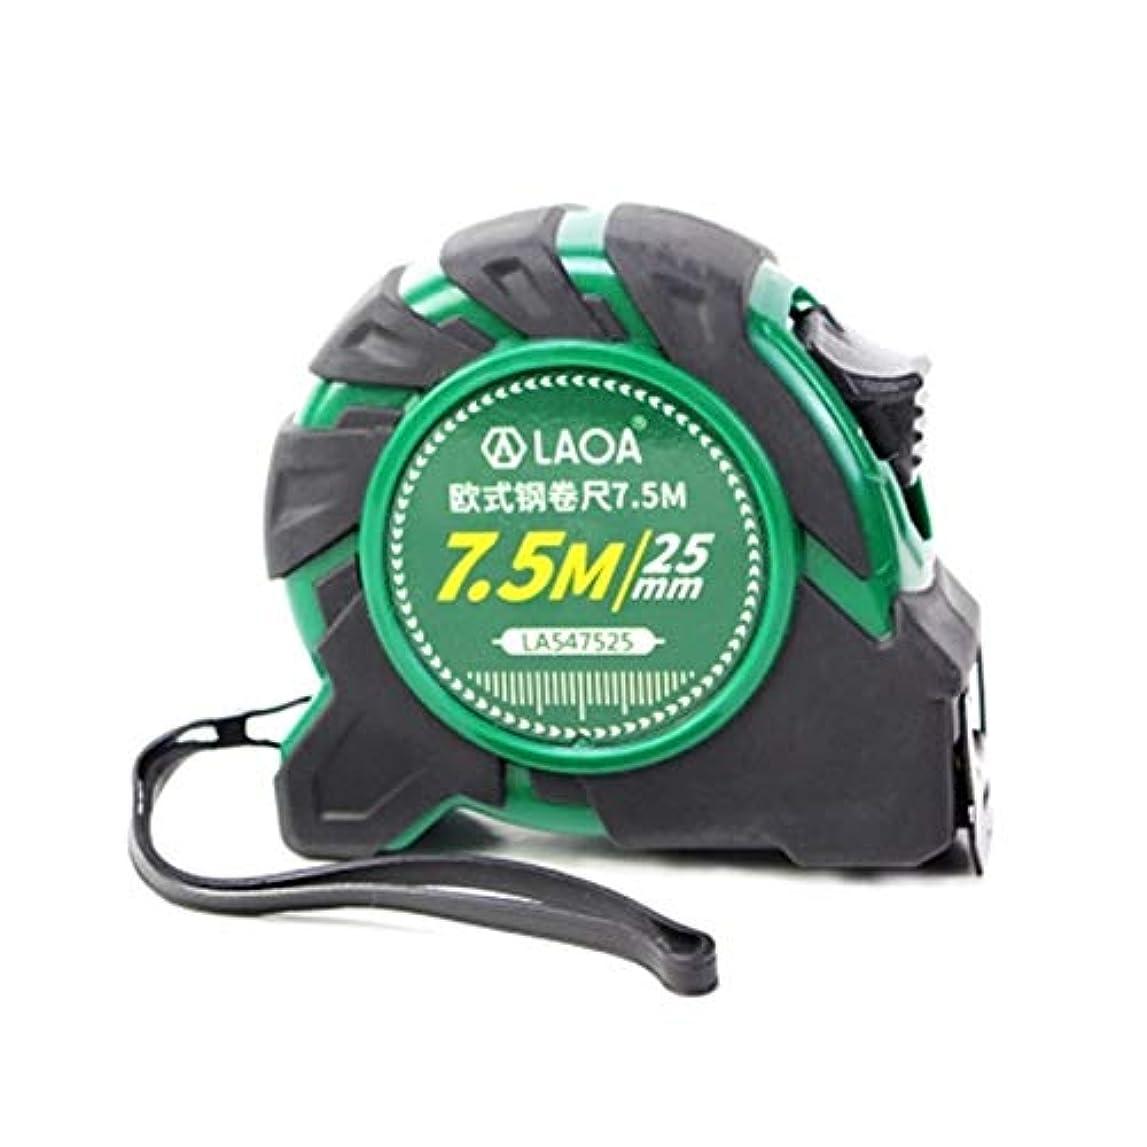 豊かなキャンプ不屈CXBH スチール製巻尺両面巻尺、ホーンフック7.5MX25MM、グリーン 実用的 (Color : Green, Size : 7.5m)